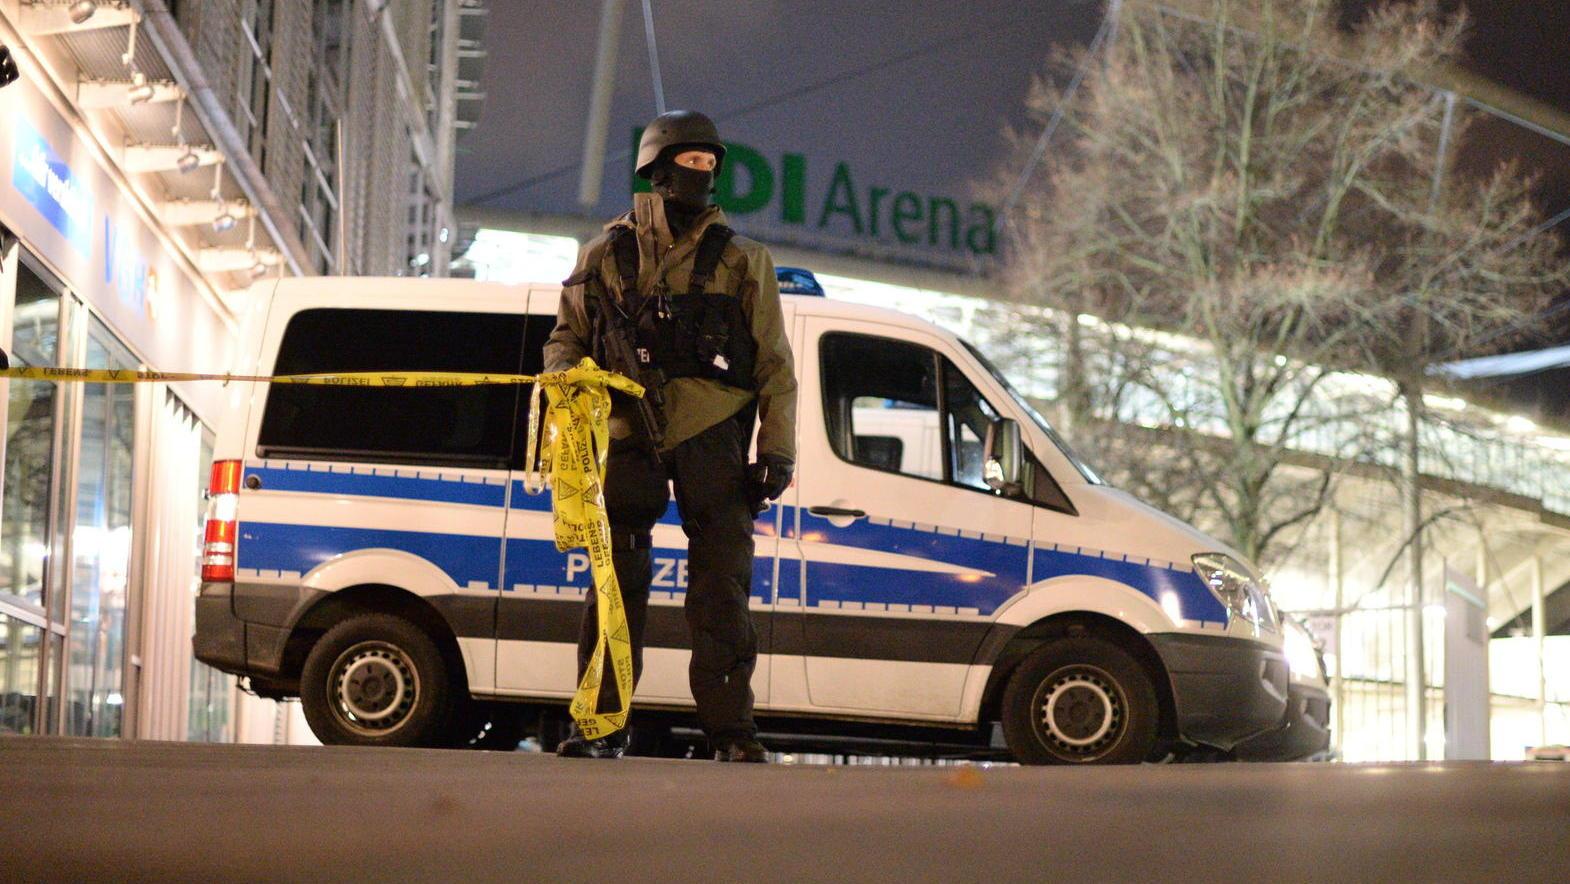 Wohnung In Hannover  Länderspielabsage in Hannover Polizei durchsucht Wohnung